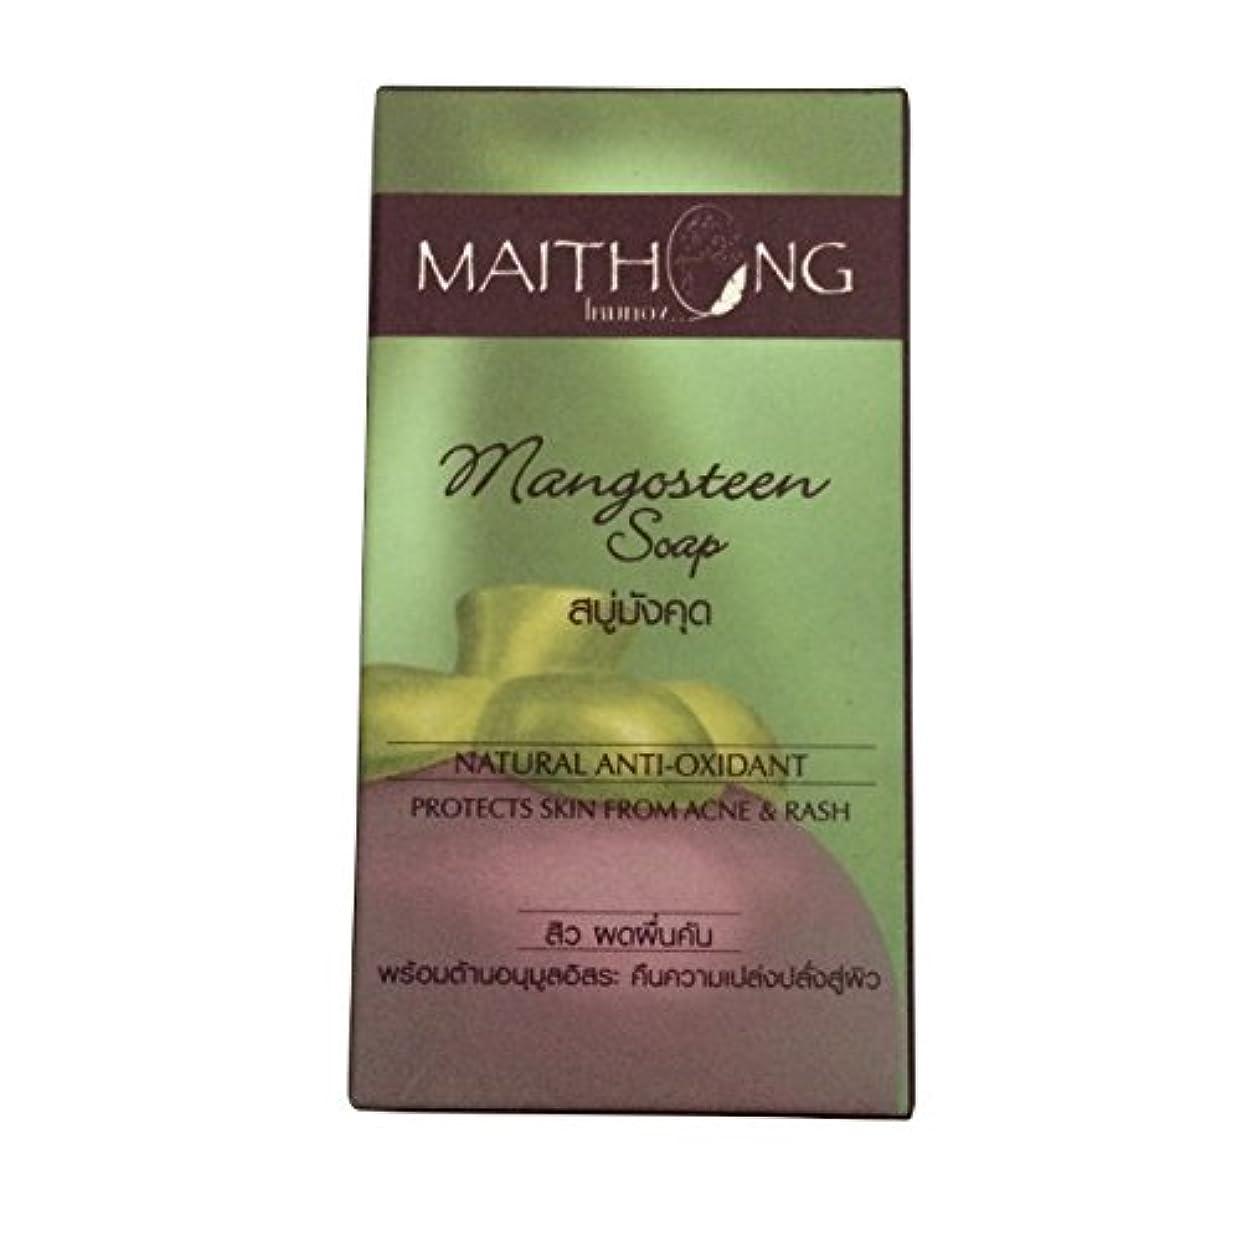 友情辛な知り合いになる(マイトーン)MAITHONG マンゴスチン 石鹸 ソープ